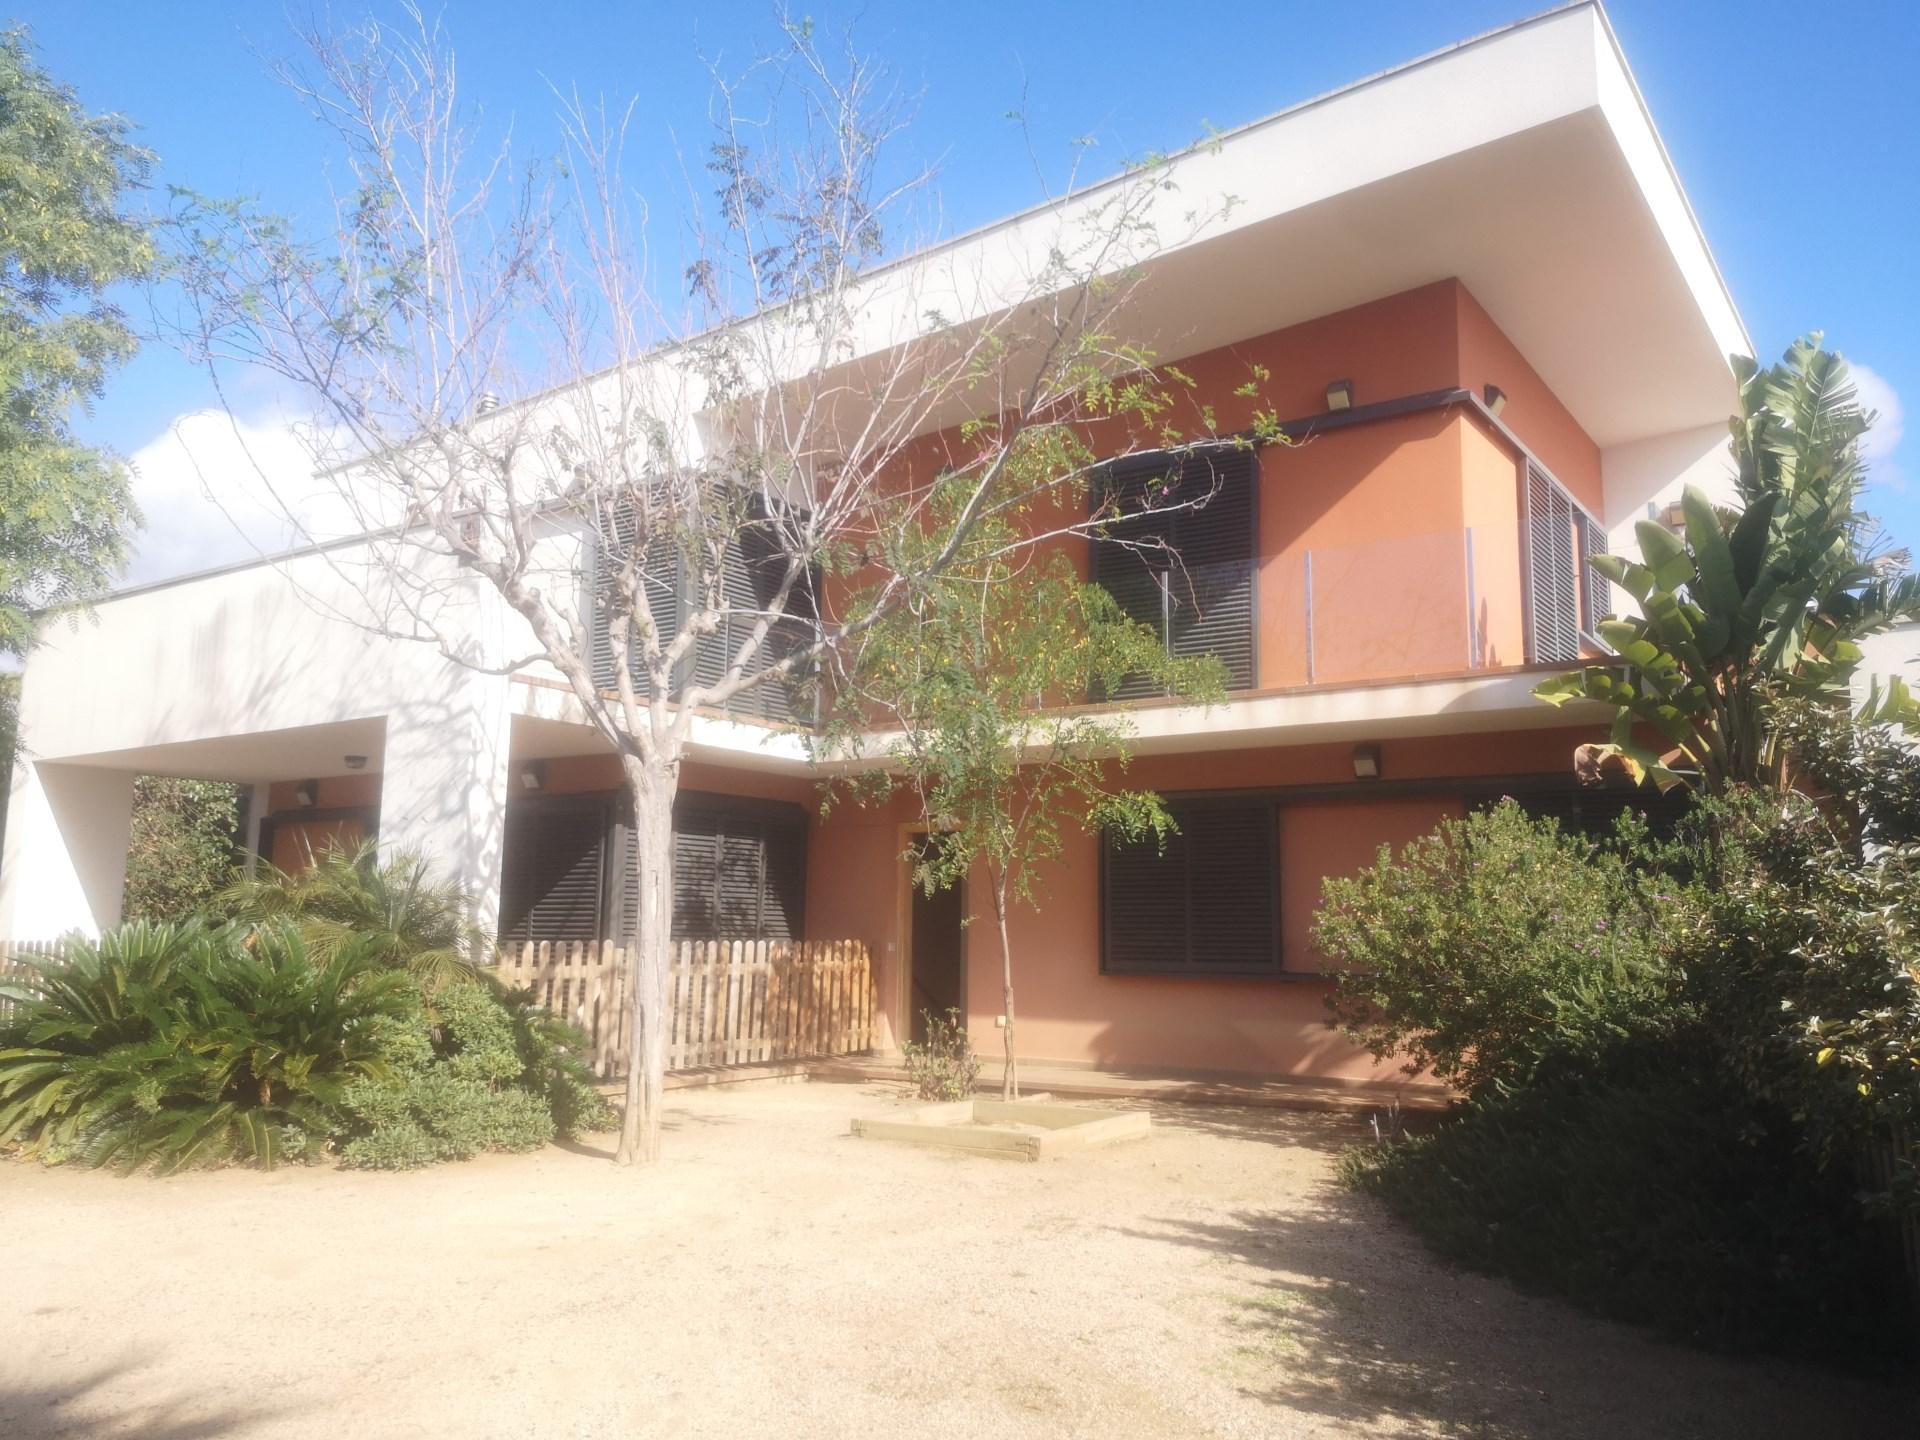 Casa Xalet – VENDA – MATARO – Ref. 6541